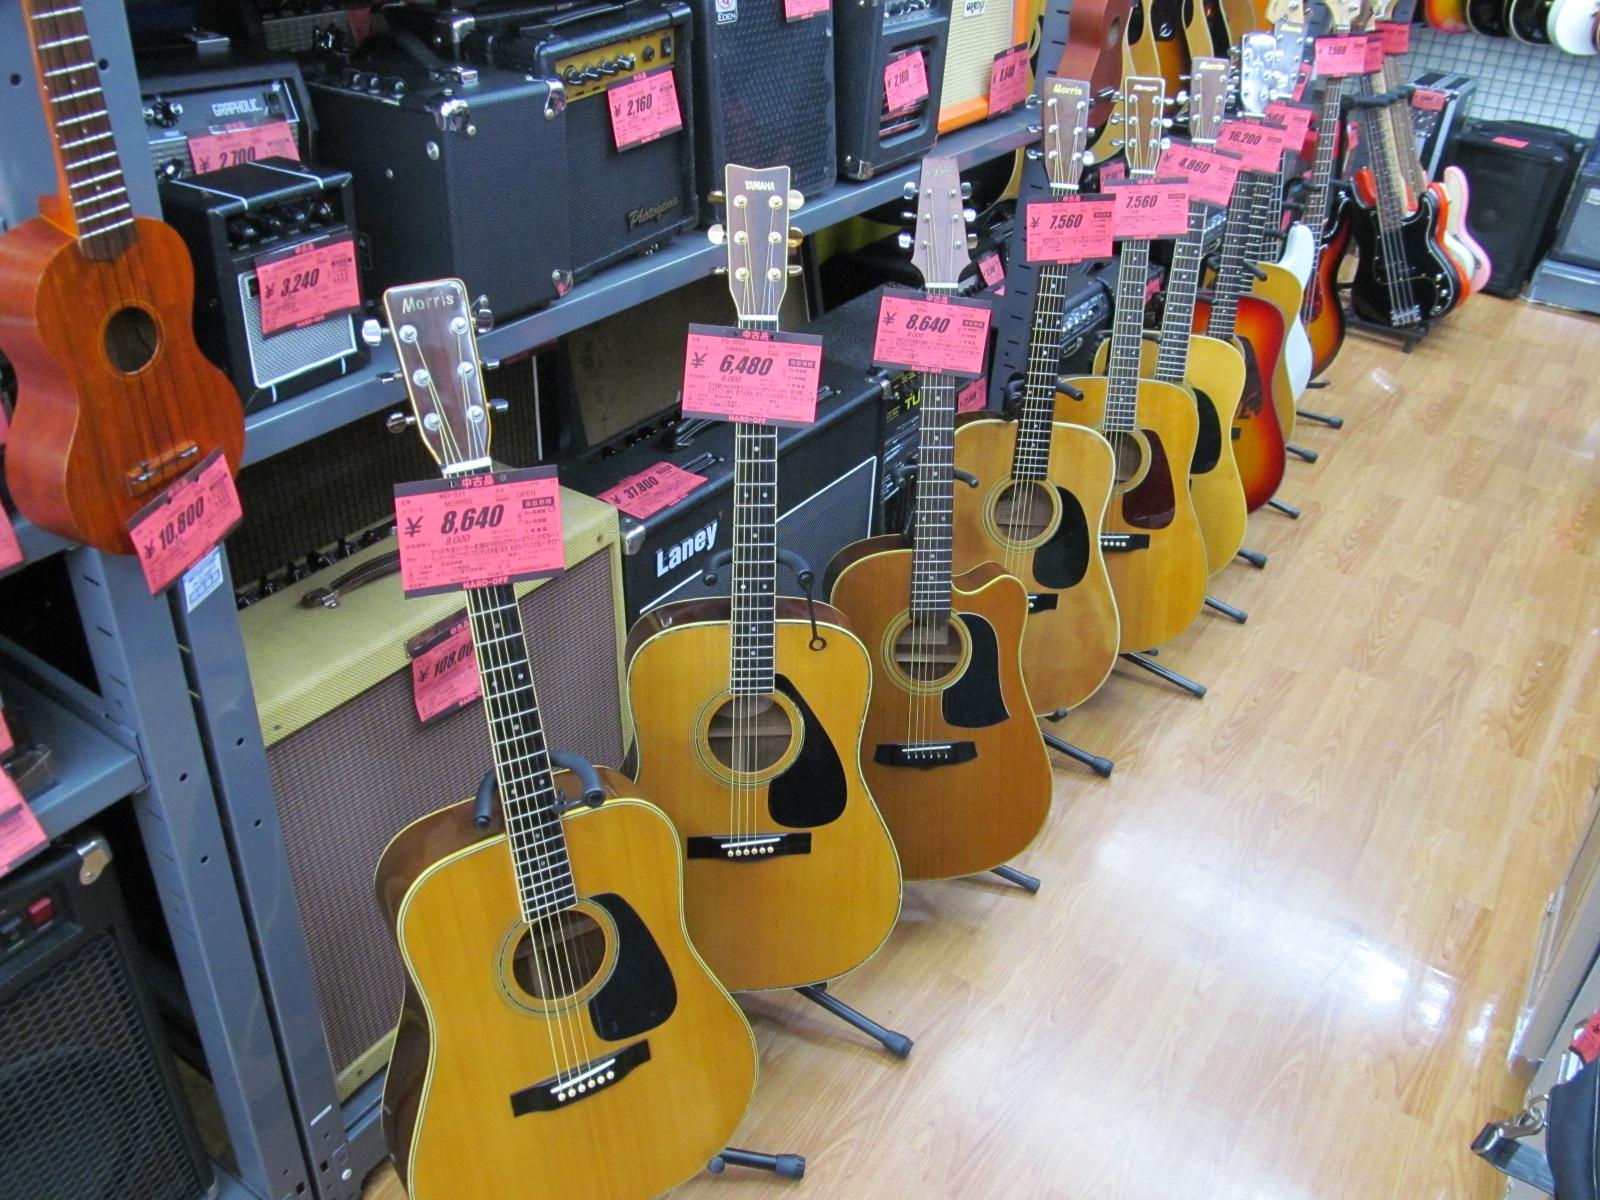 アコースティックギター大量に入荷しました!_[1]